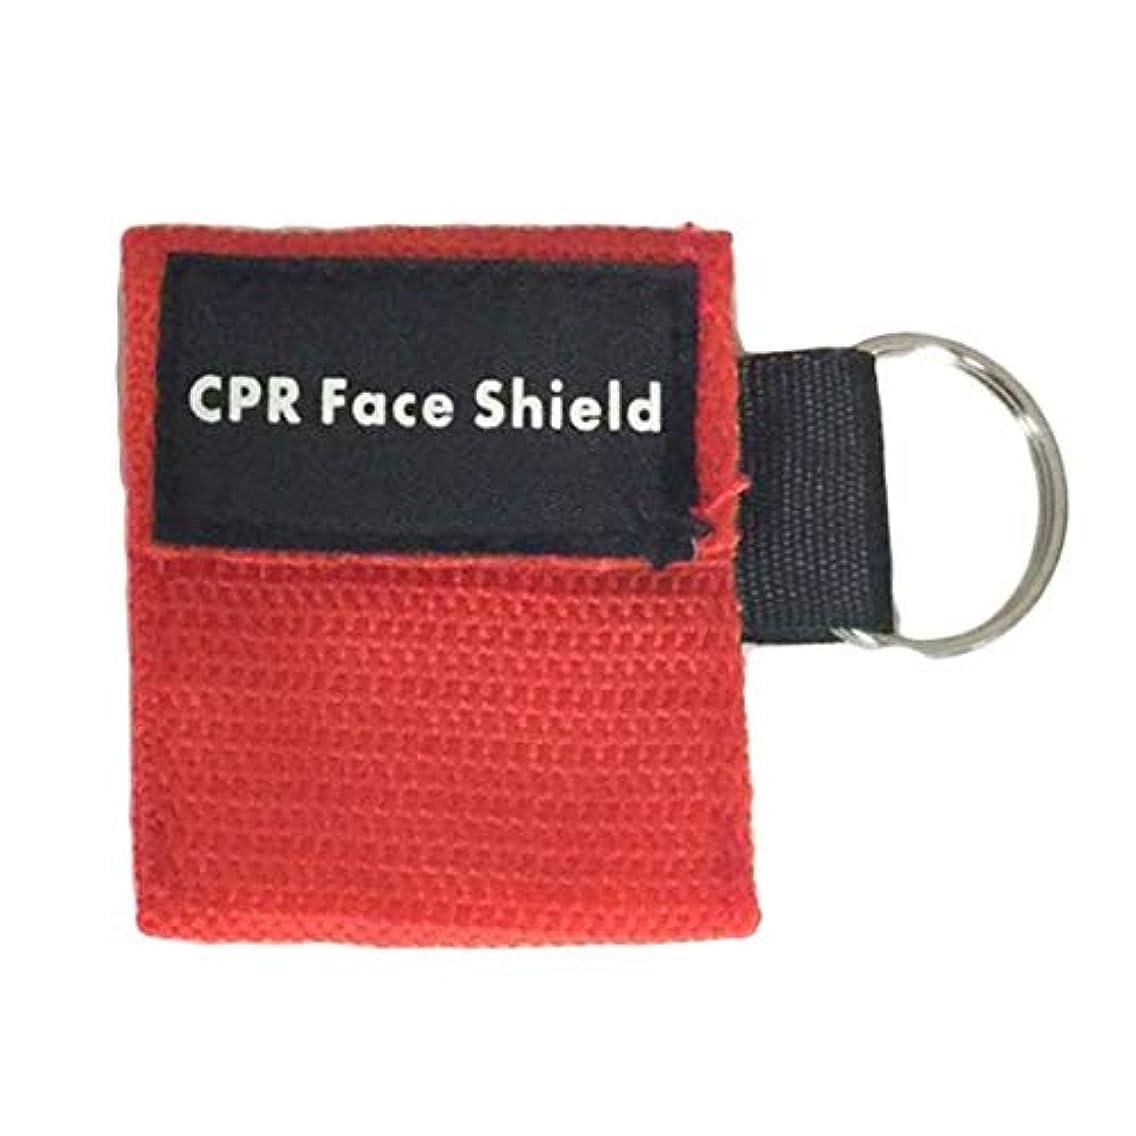 周りまともな軽量Intercorey 2ピースポータブル応急処置ミニCPRキーチェーンマスク/フェイスシールドバリアキットヘルスケアマスク1-ウェイバルブCPRマスク